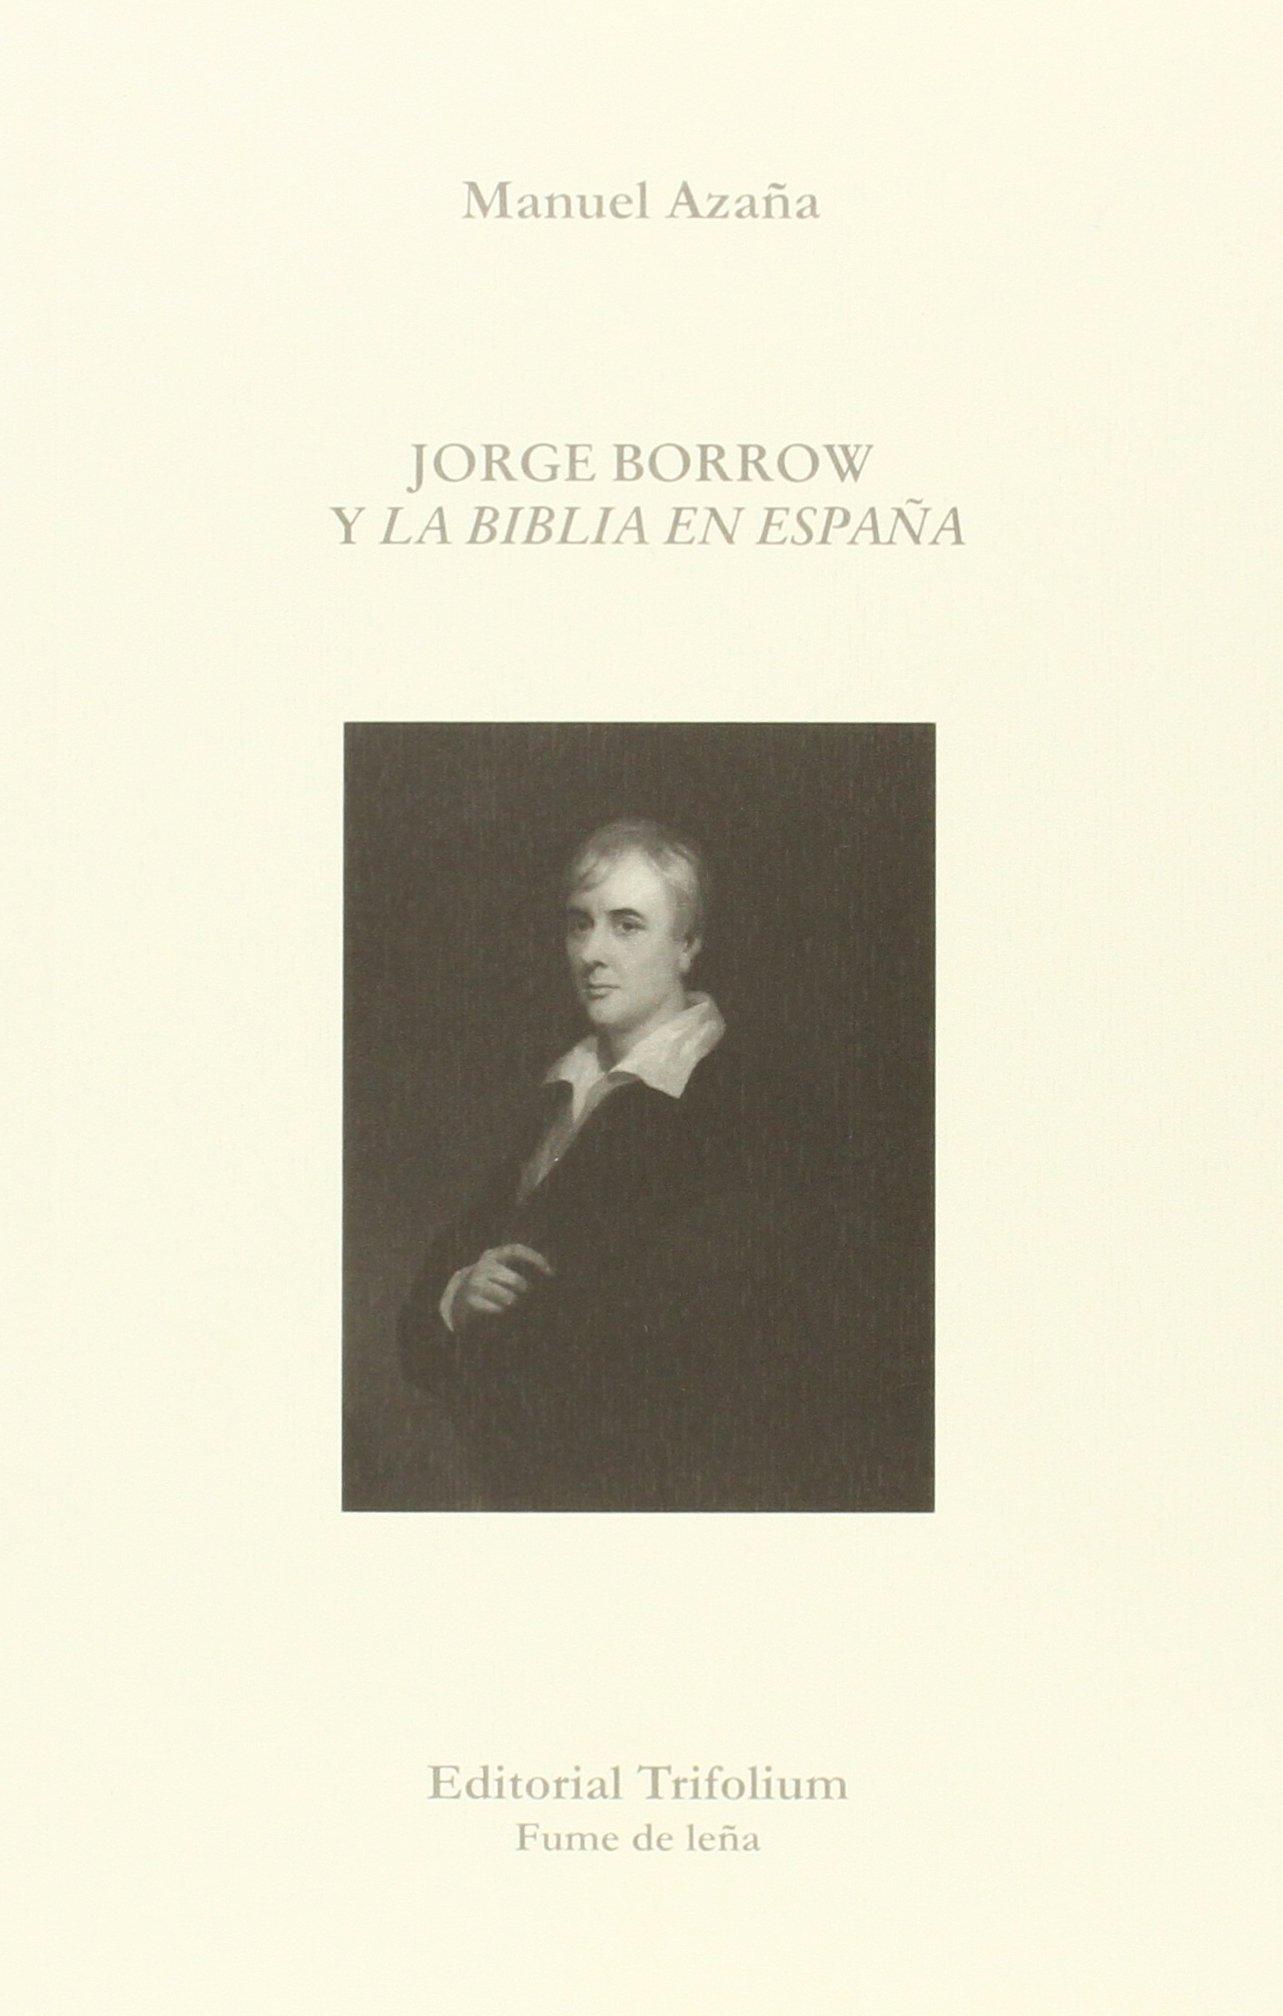 Jorge Borrow Y La Biblia En España (HUMO DE LEÑA): Amazon.es: Manuel Azaña: Libros